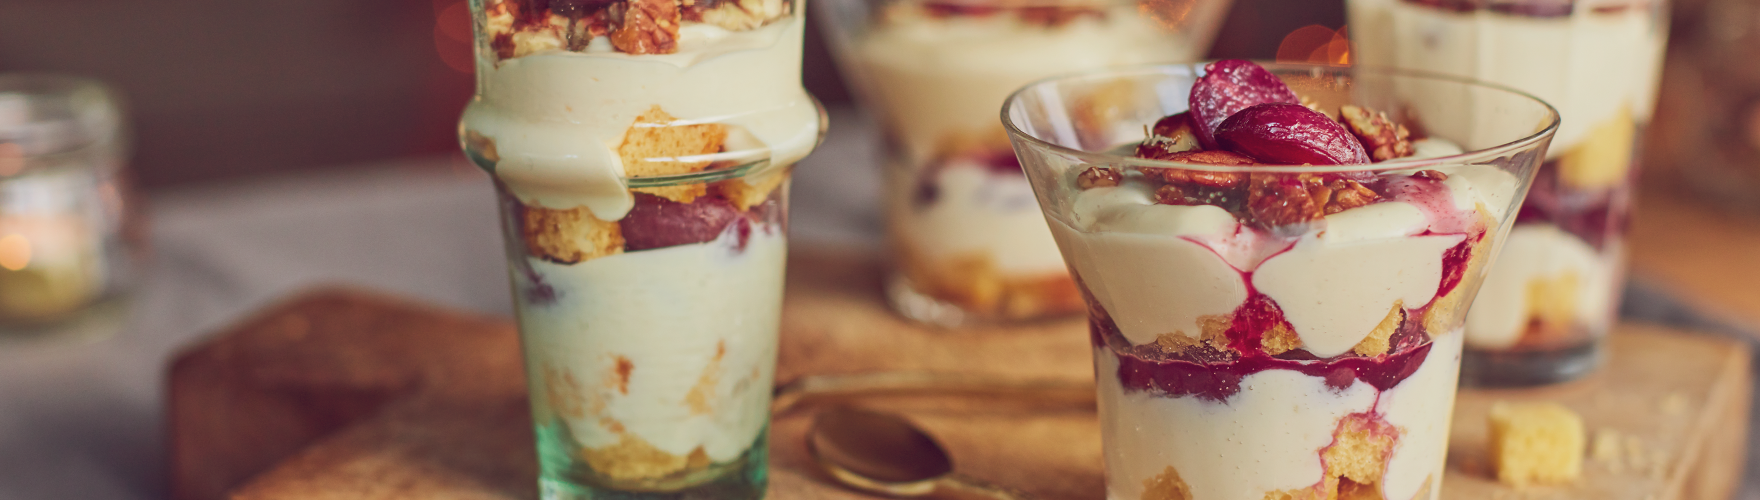 Romige trifle met druiven, pecannoten en een room van brie